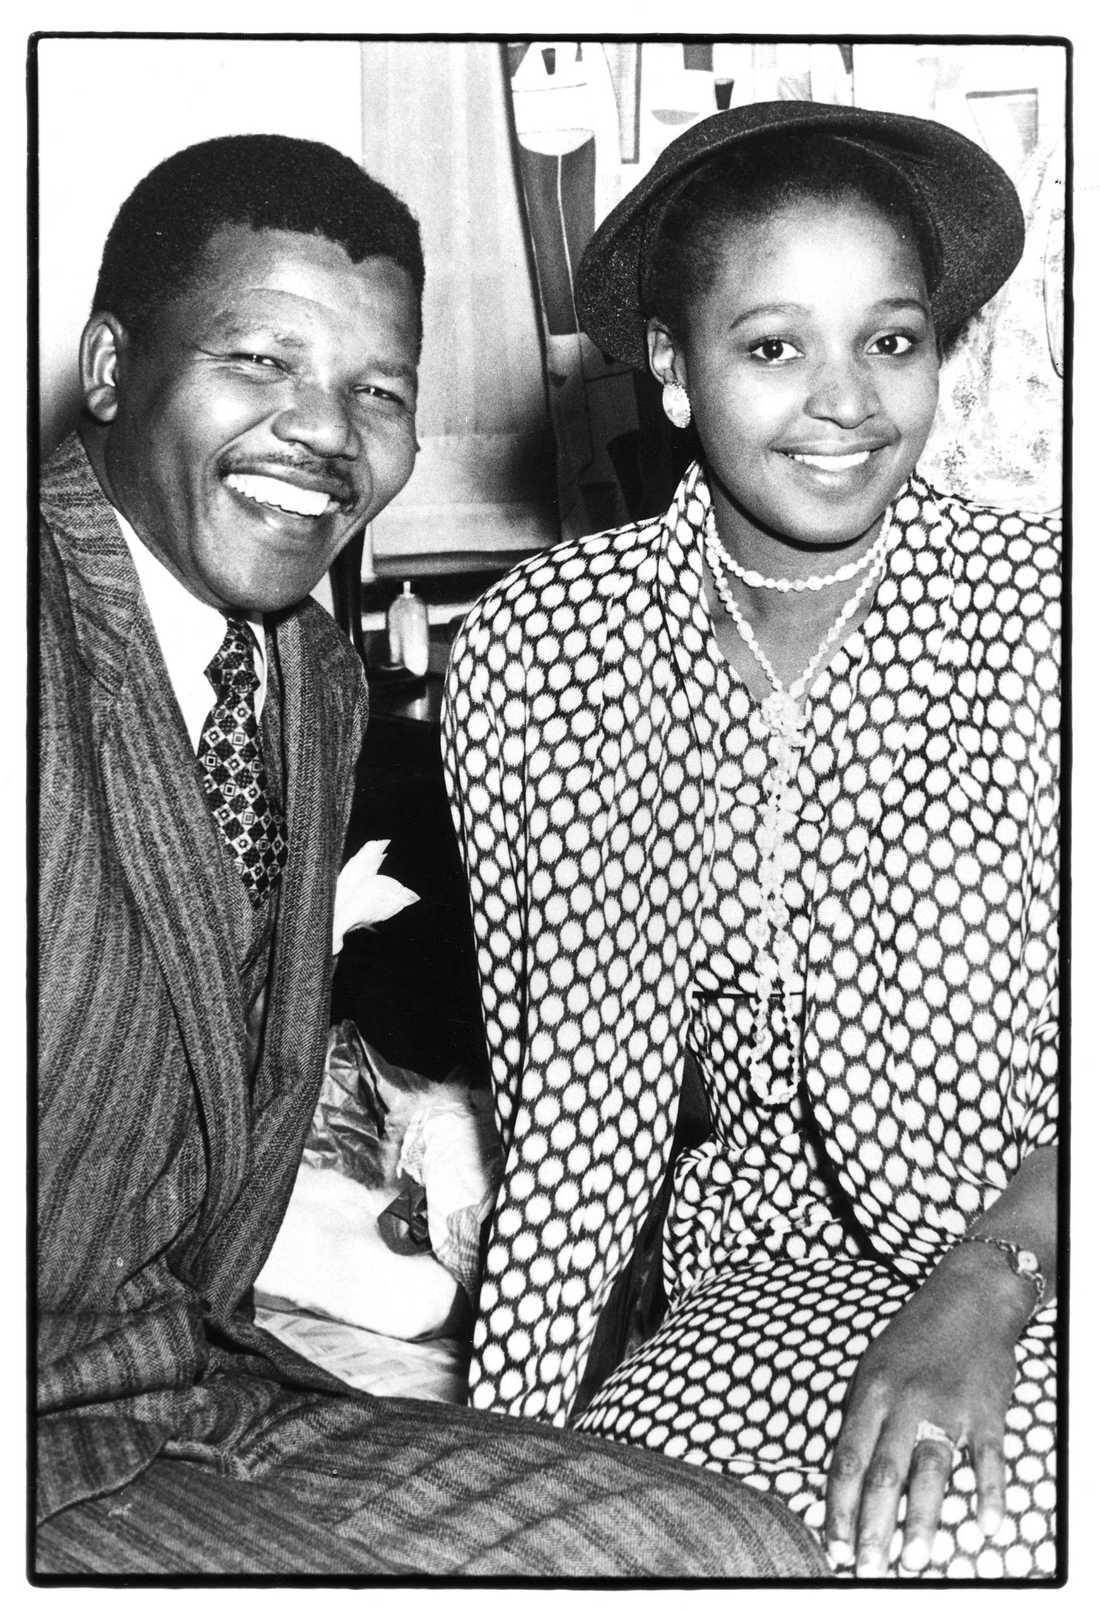 Mandela tillsammans med makan Winnie. Nelson Mandela var vid denna tid jurist och Winnie var socialarbetare. Hon är av hövdingasläkt och kan även kalla sig för prinsessa av Bizana. Bilden från deras bröllopsdag 1958.